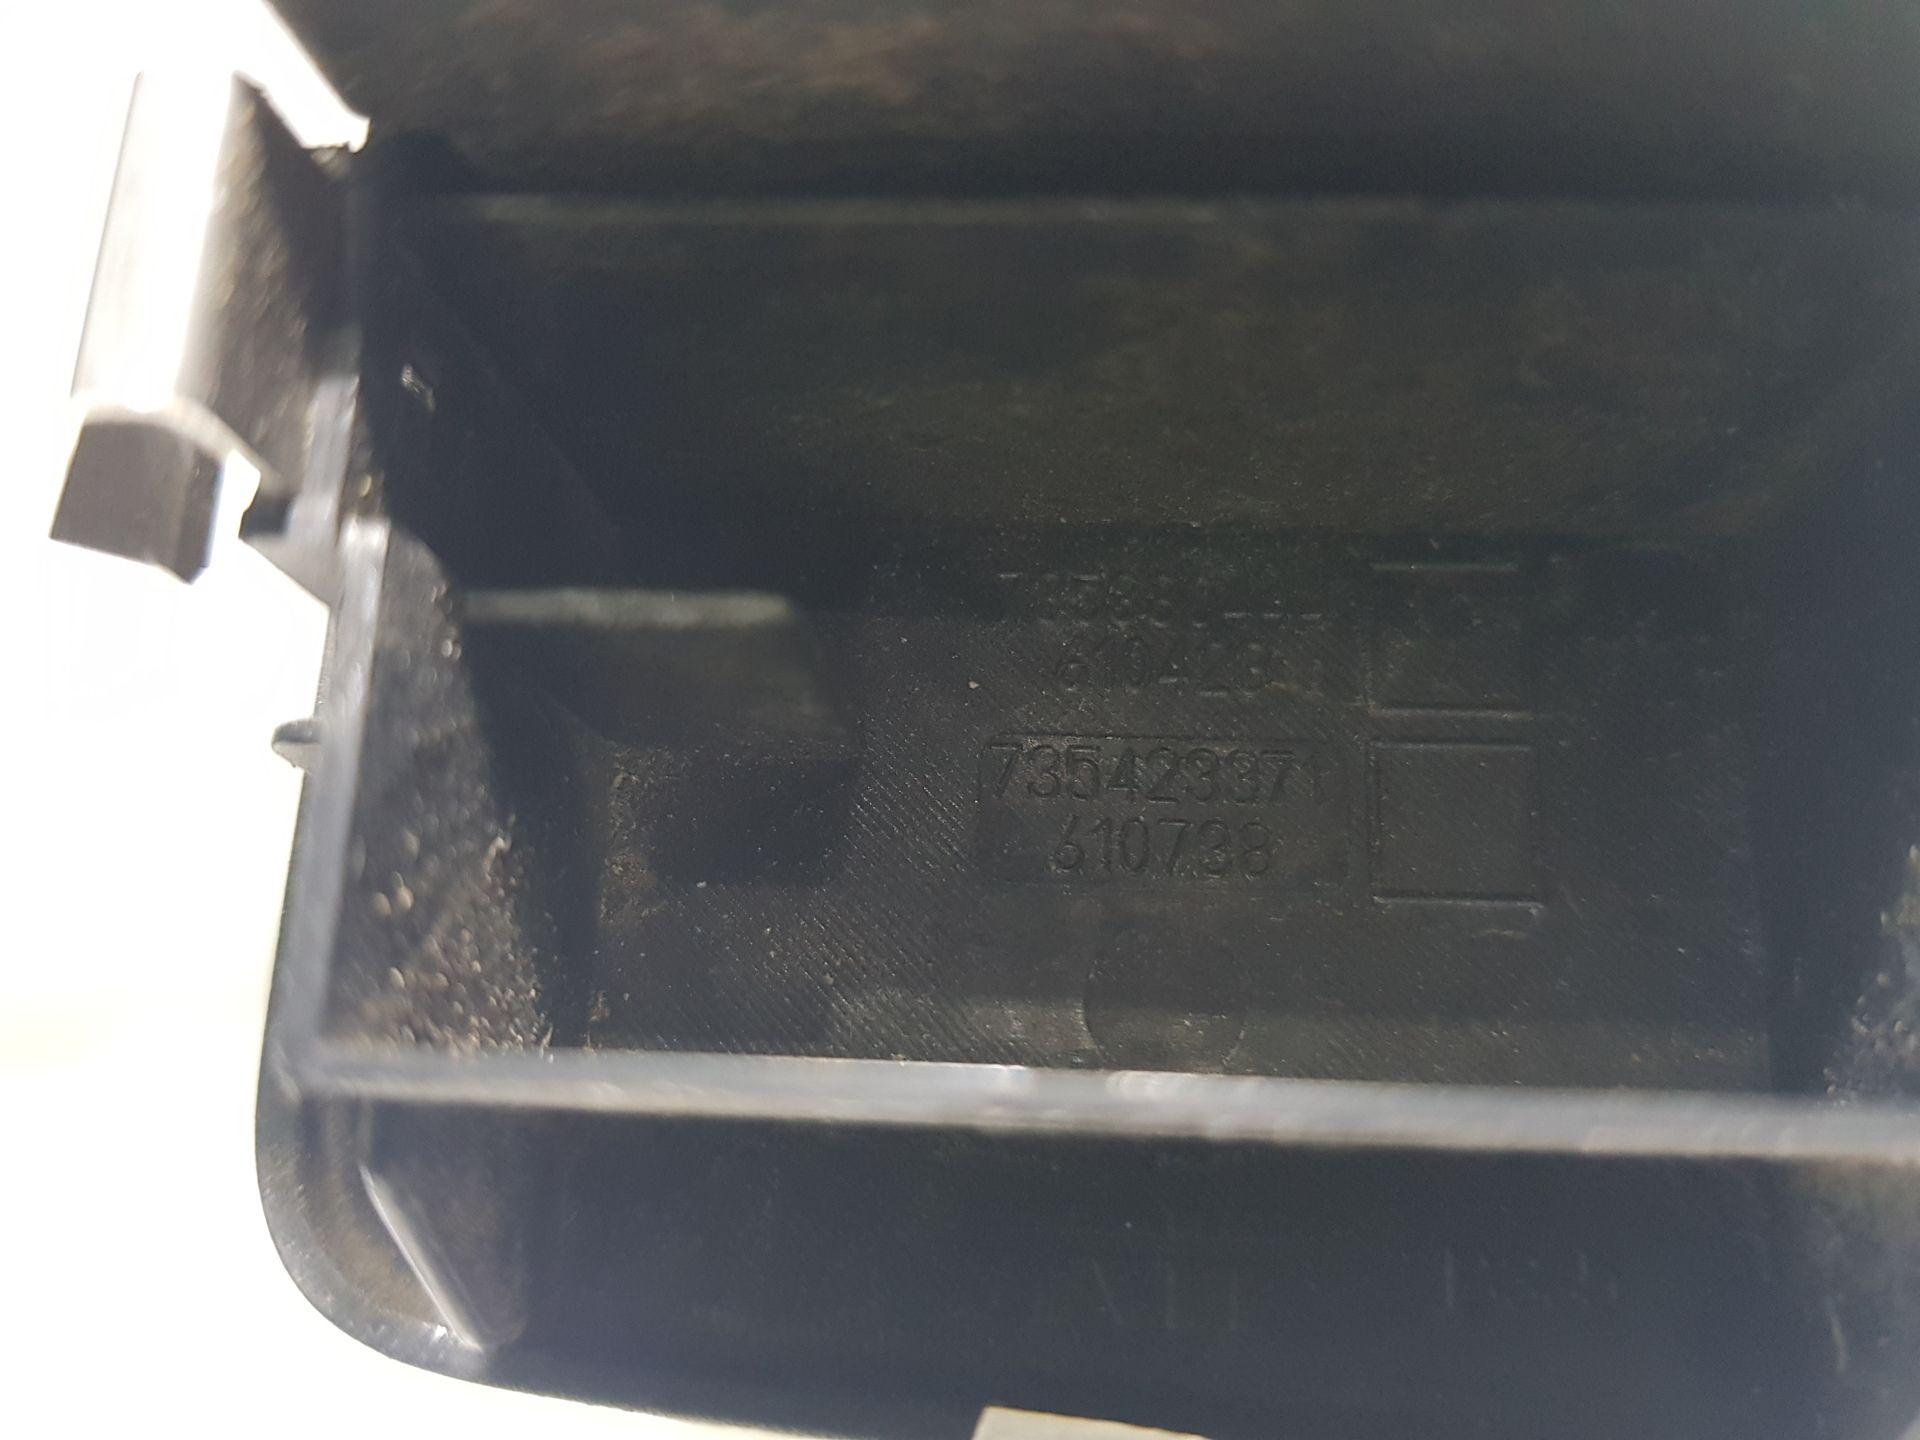 735423371 PULSANTIERA ANTERIORE SINISTRA GUIDA FIAT Grande Punto 1° Serie 1300 Diesel (2005) RICAMBI USATI